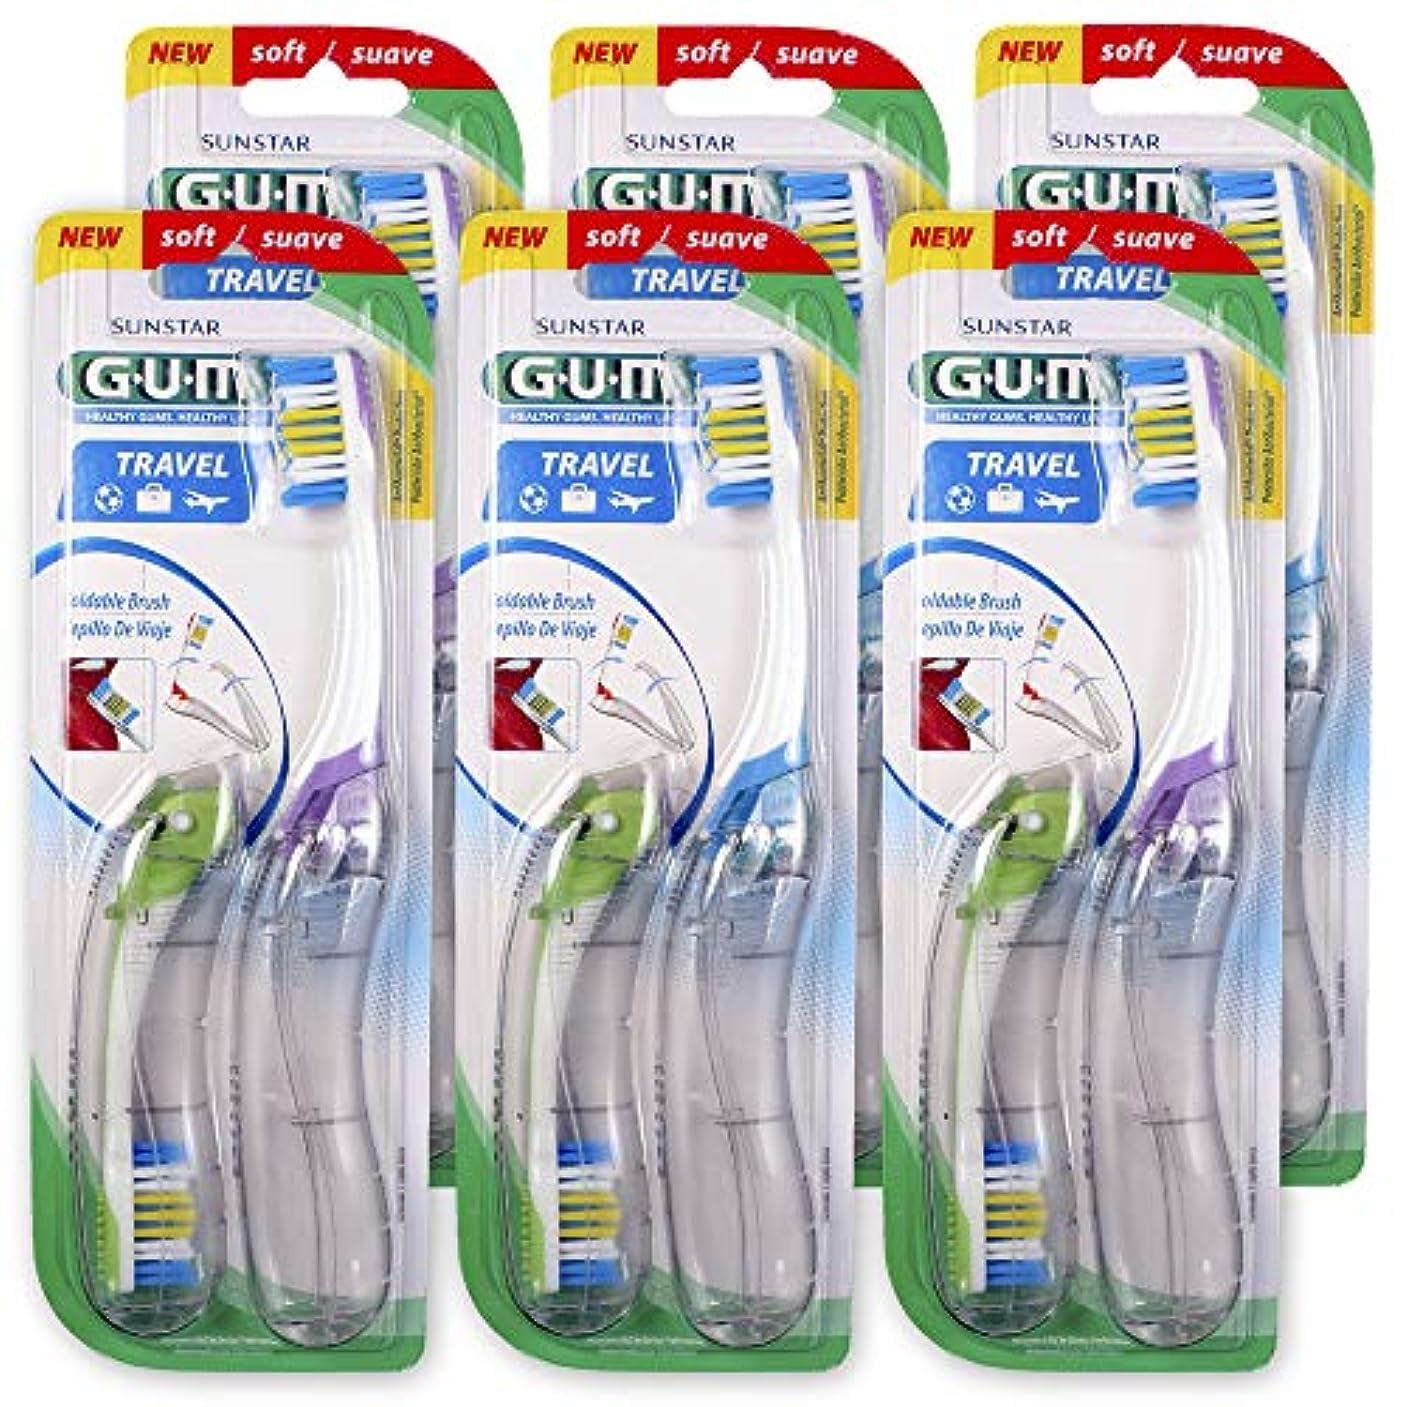 ジェスチャー特権的受け継ぐGUM (ガム) 折りたたみ式 トラベル用柔らか歯ブラシ 3つ折りタイプ 舌クリーナー付き ポケット、バッグ、スーツケース、ポーチに簡単に収納できる旅行用携帯サイズ (12本セット)